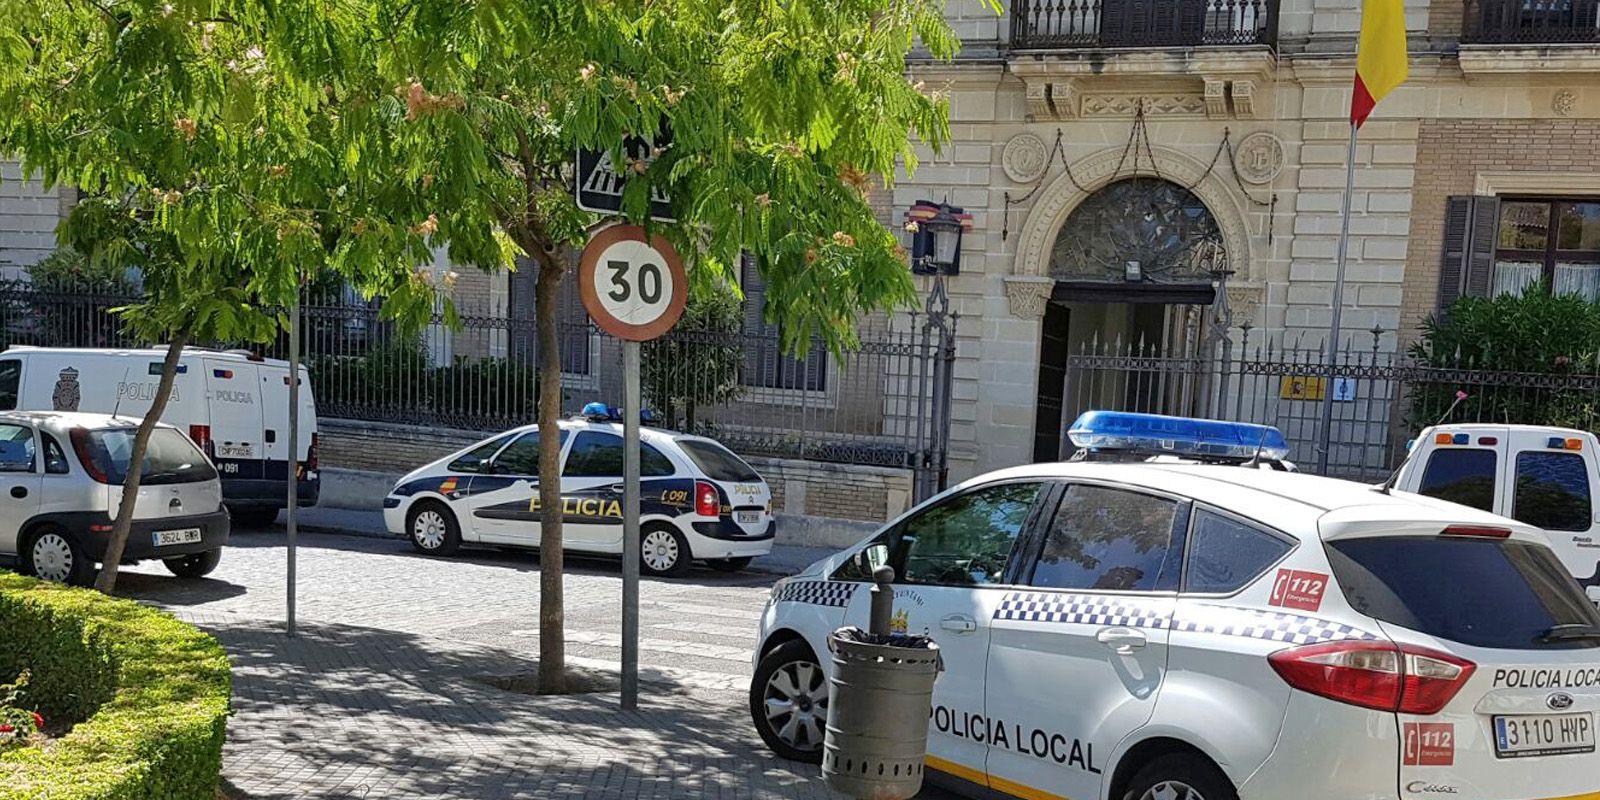 Coche patrulla de la Policía Local que ha llevado al presunto agresor a la Comisaría de la Policía Nacional, 13 AGO 2016 | Mira Jerez